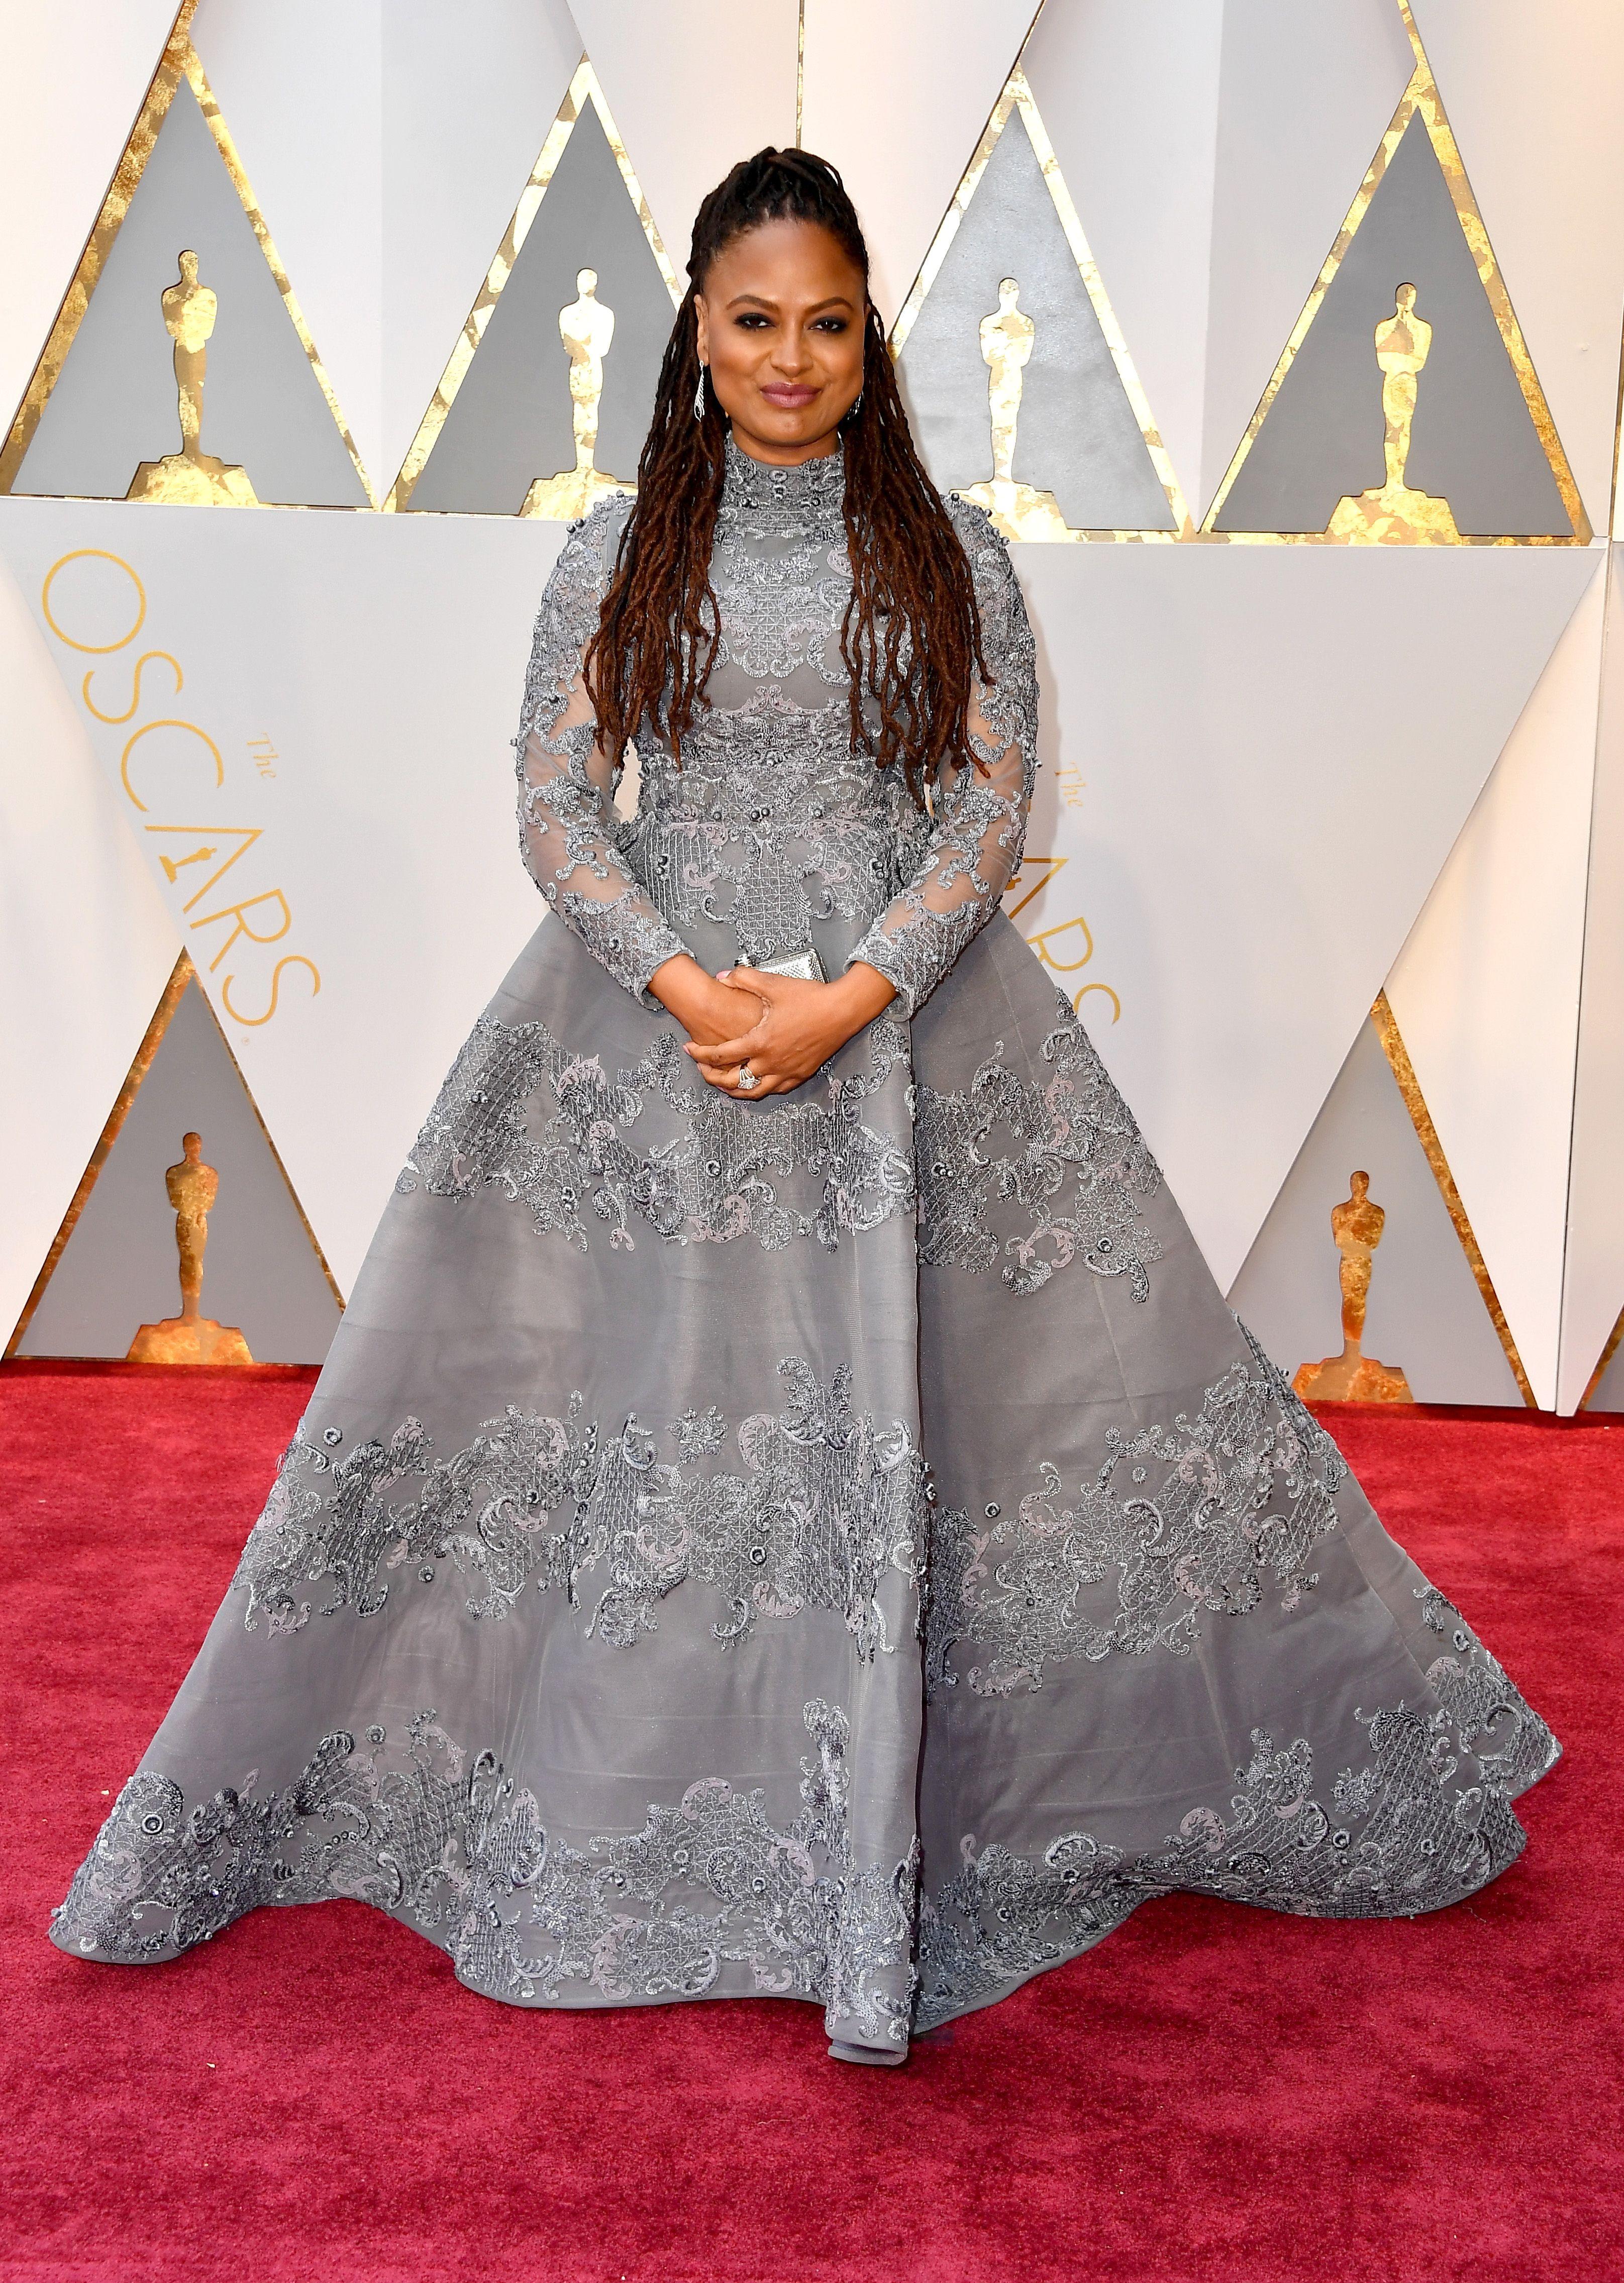 Ava DuVernay Dress on Oscar